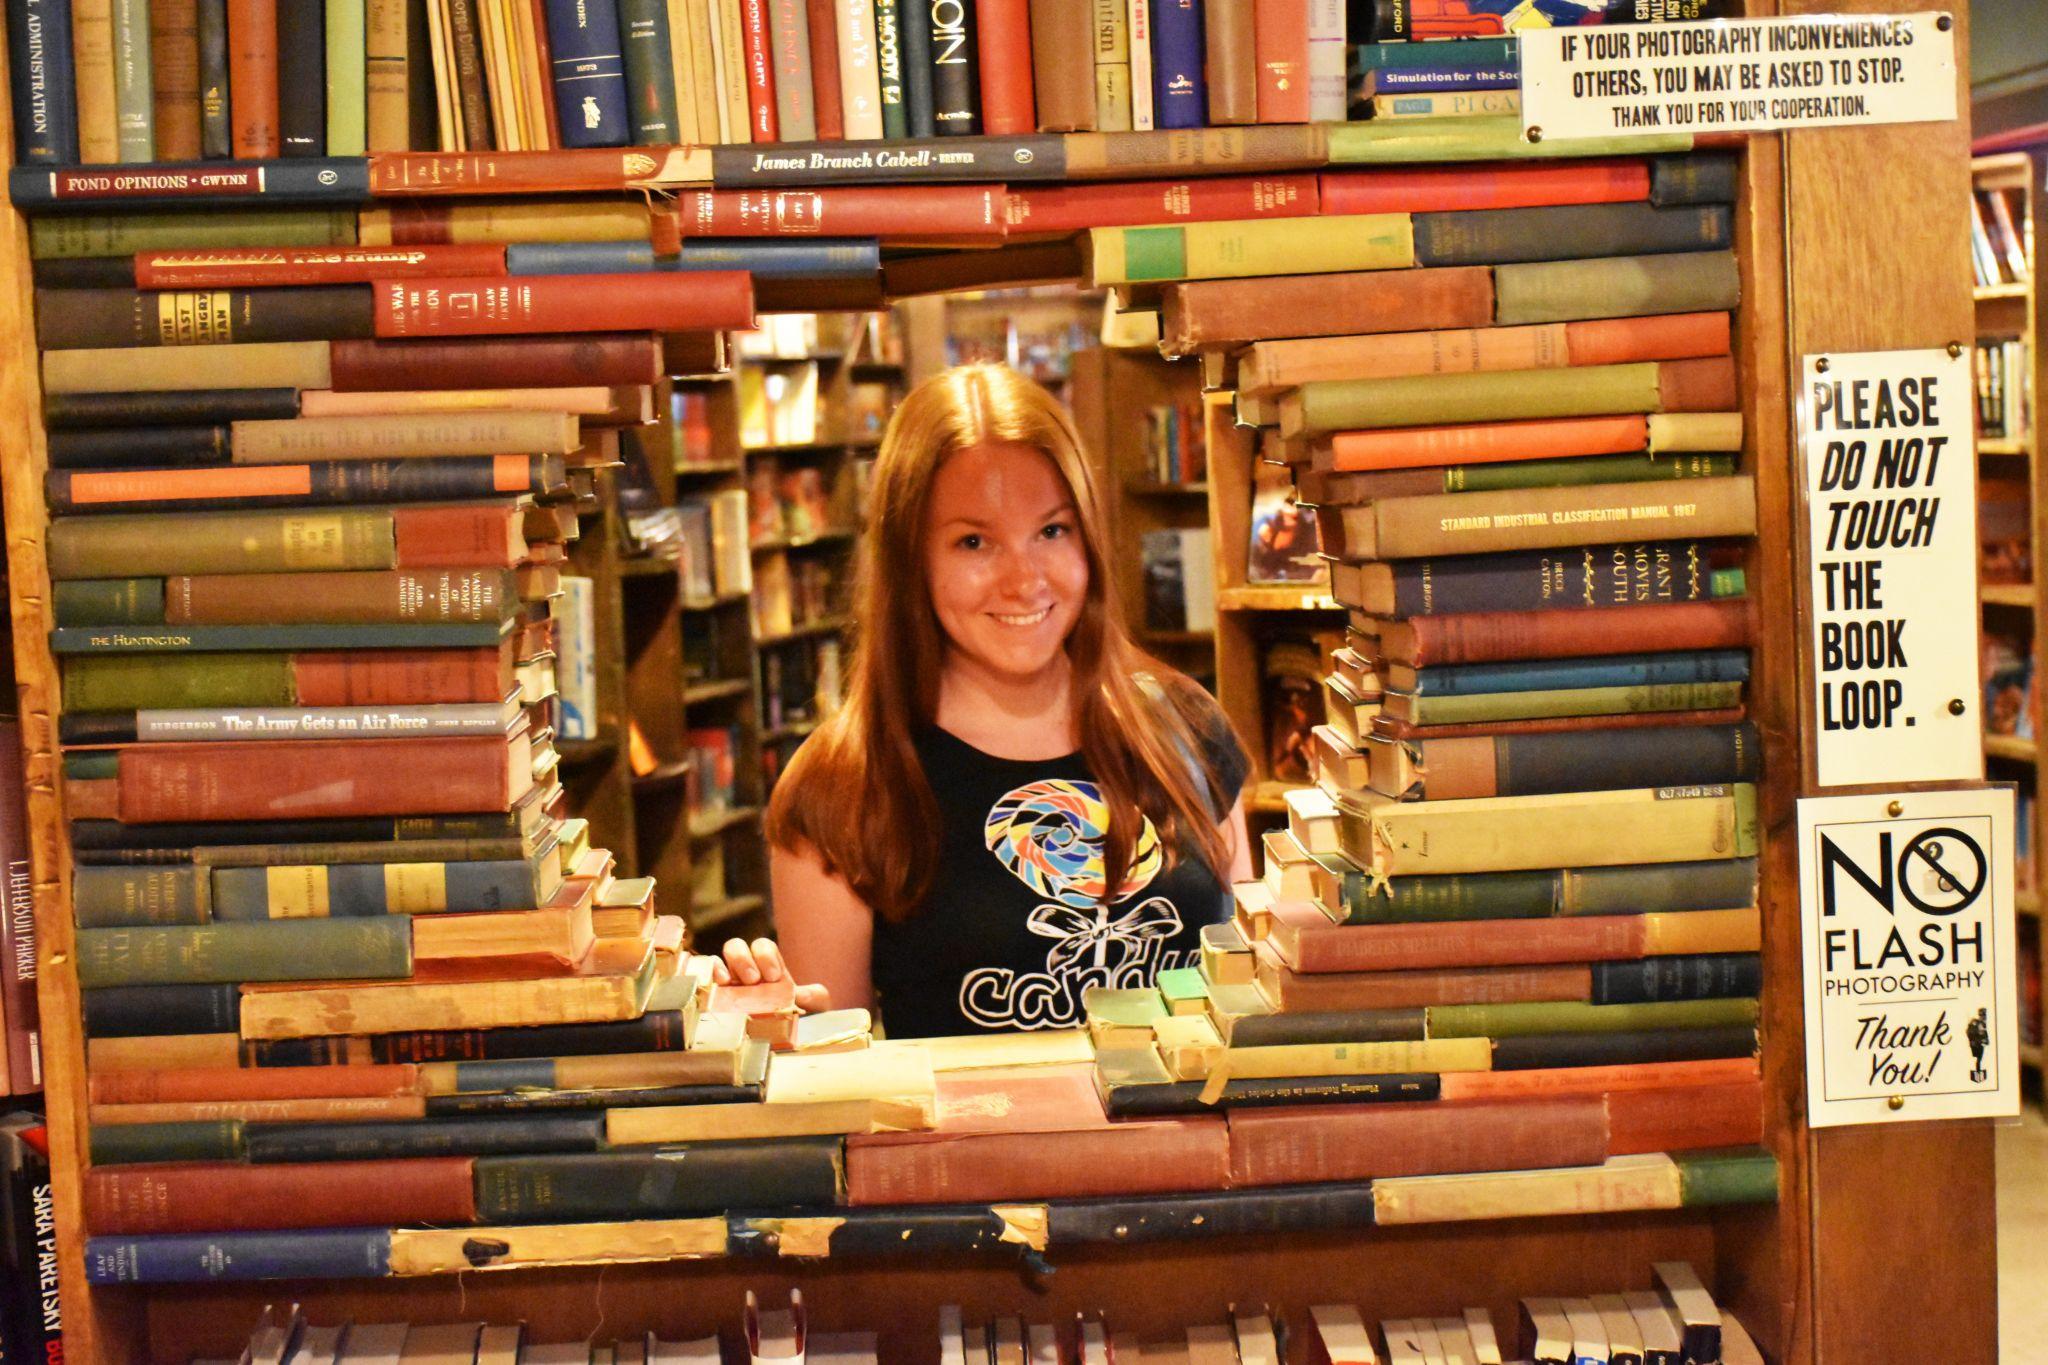 The Last Bookstore, USA